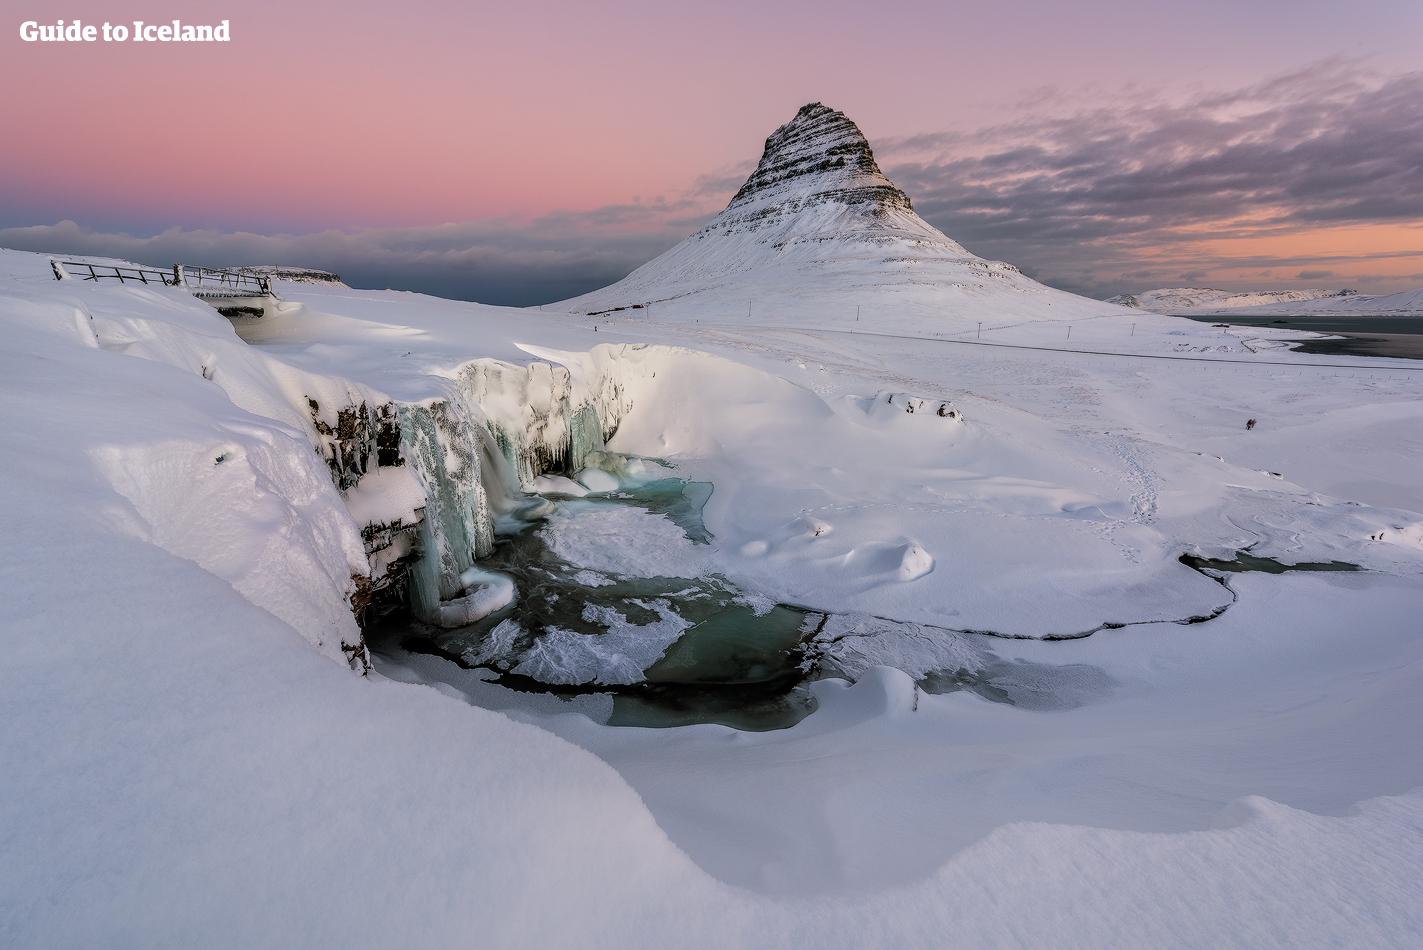 Séjour hiver de 6 jours en Islande | De Reykjavik à la grotte de glace - day 5